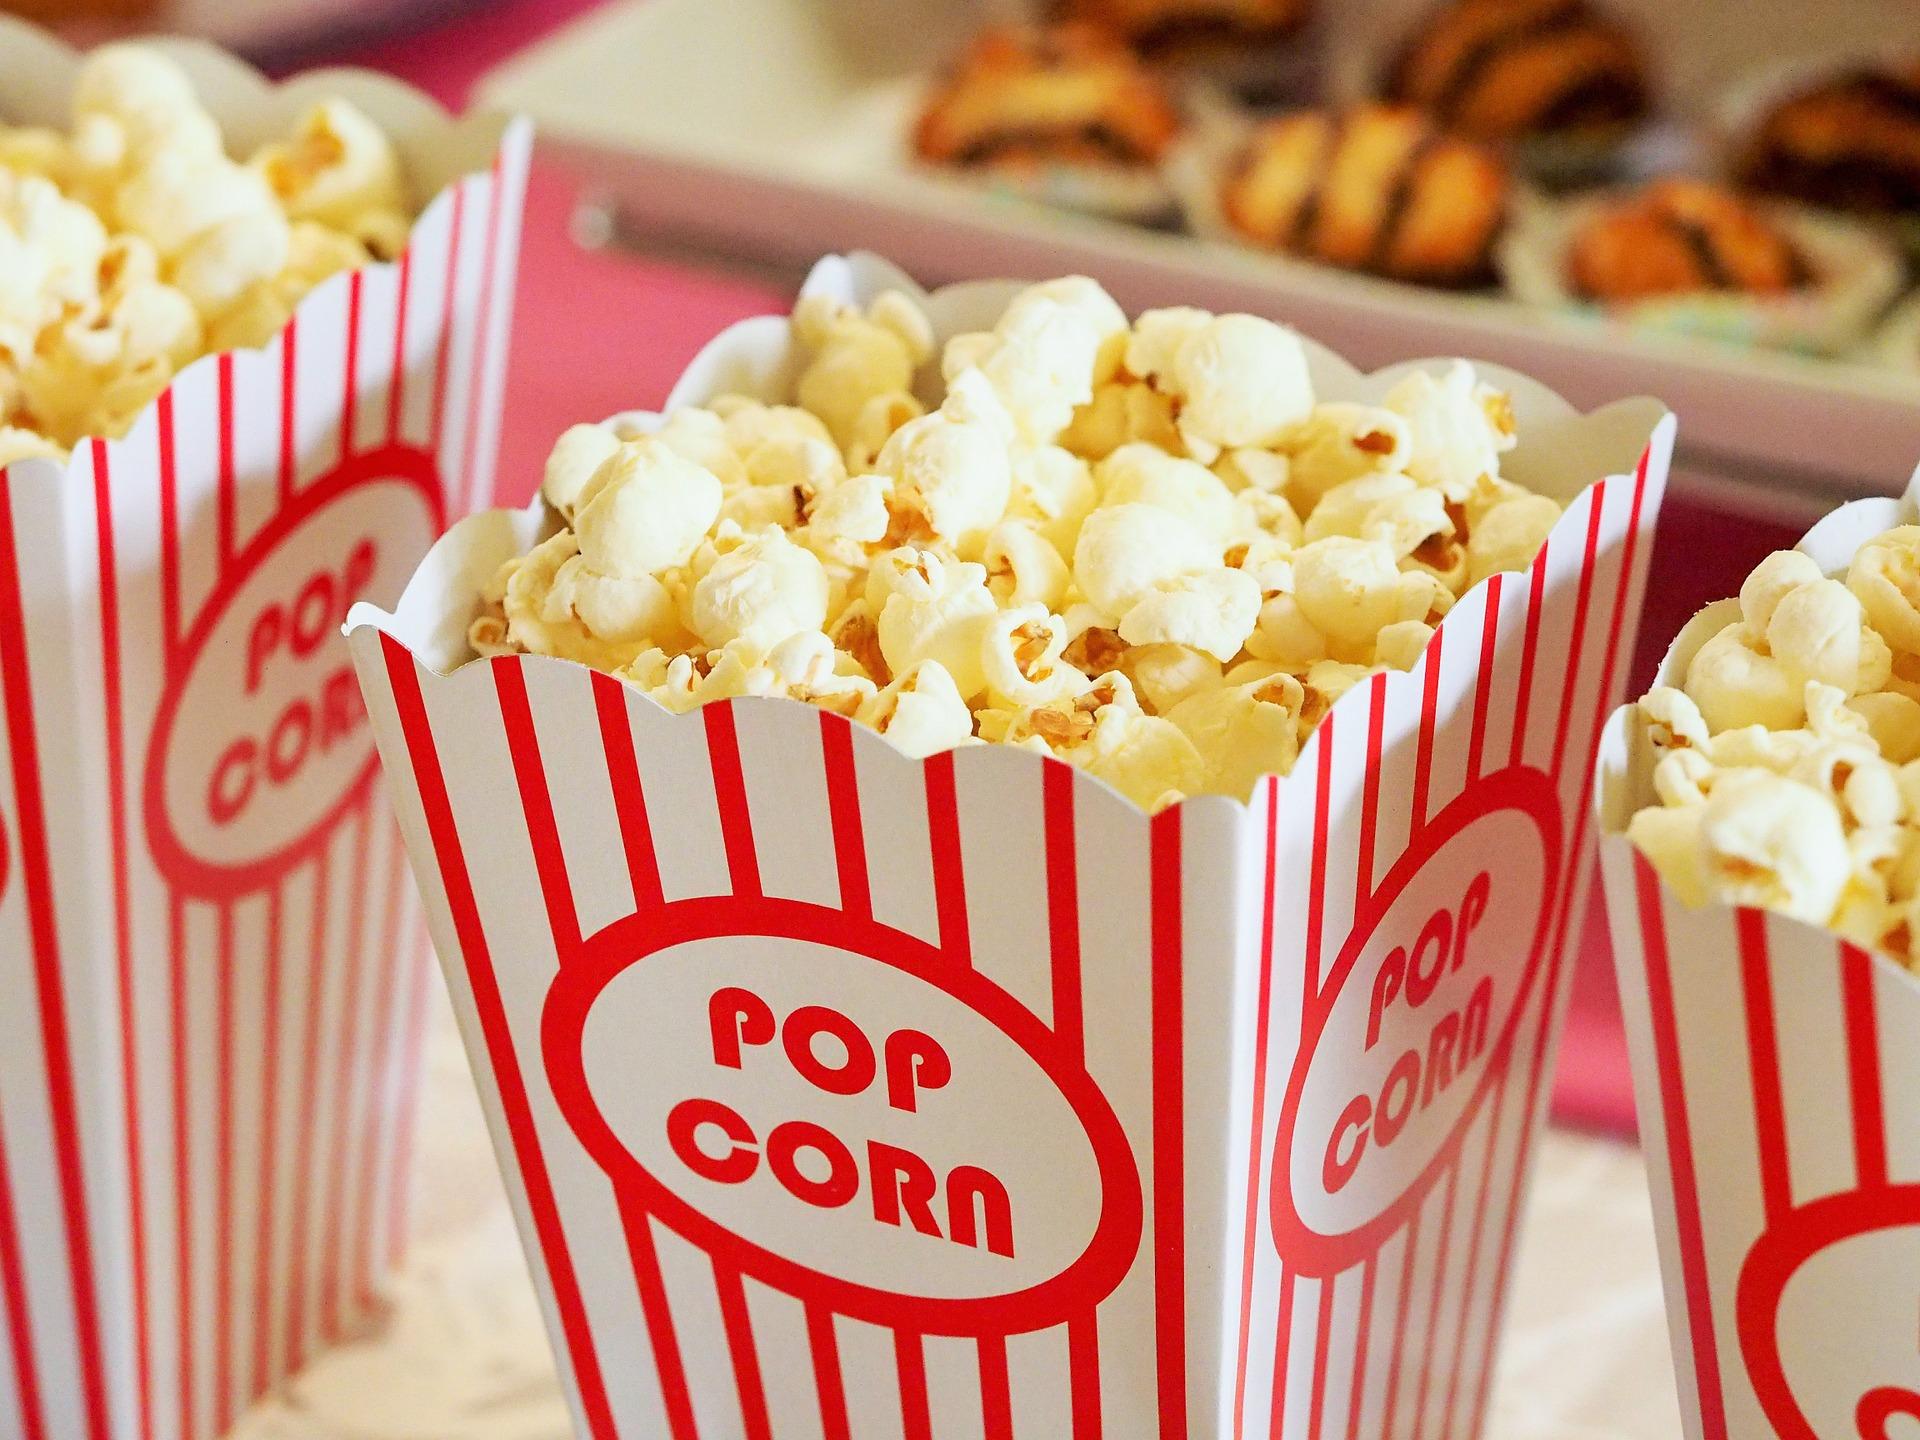 Cinéma gratuit ce week-end!